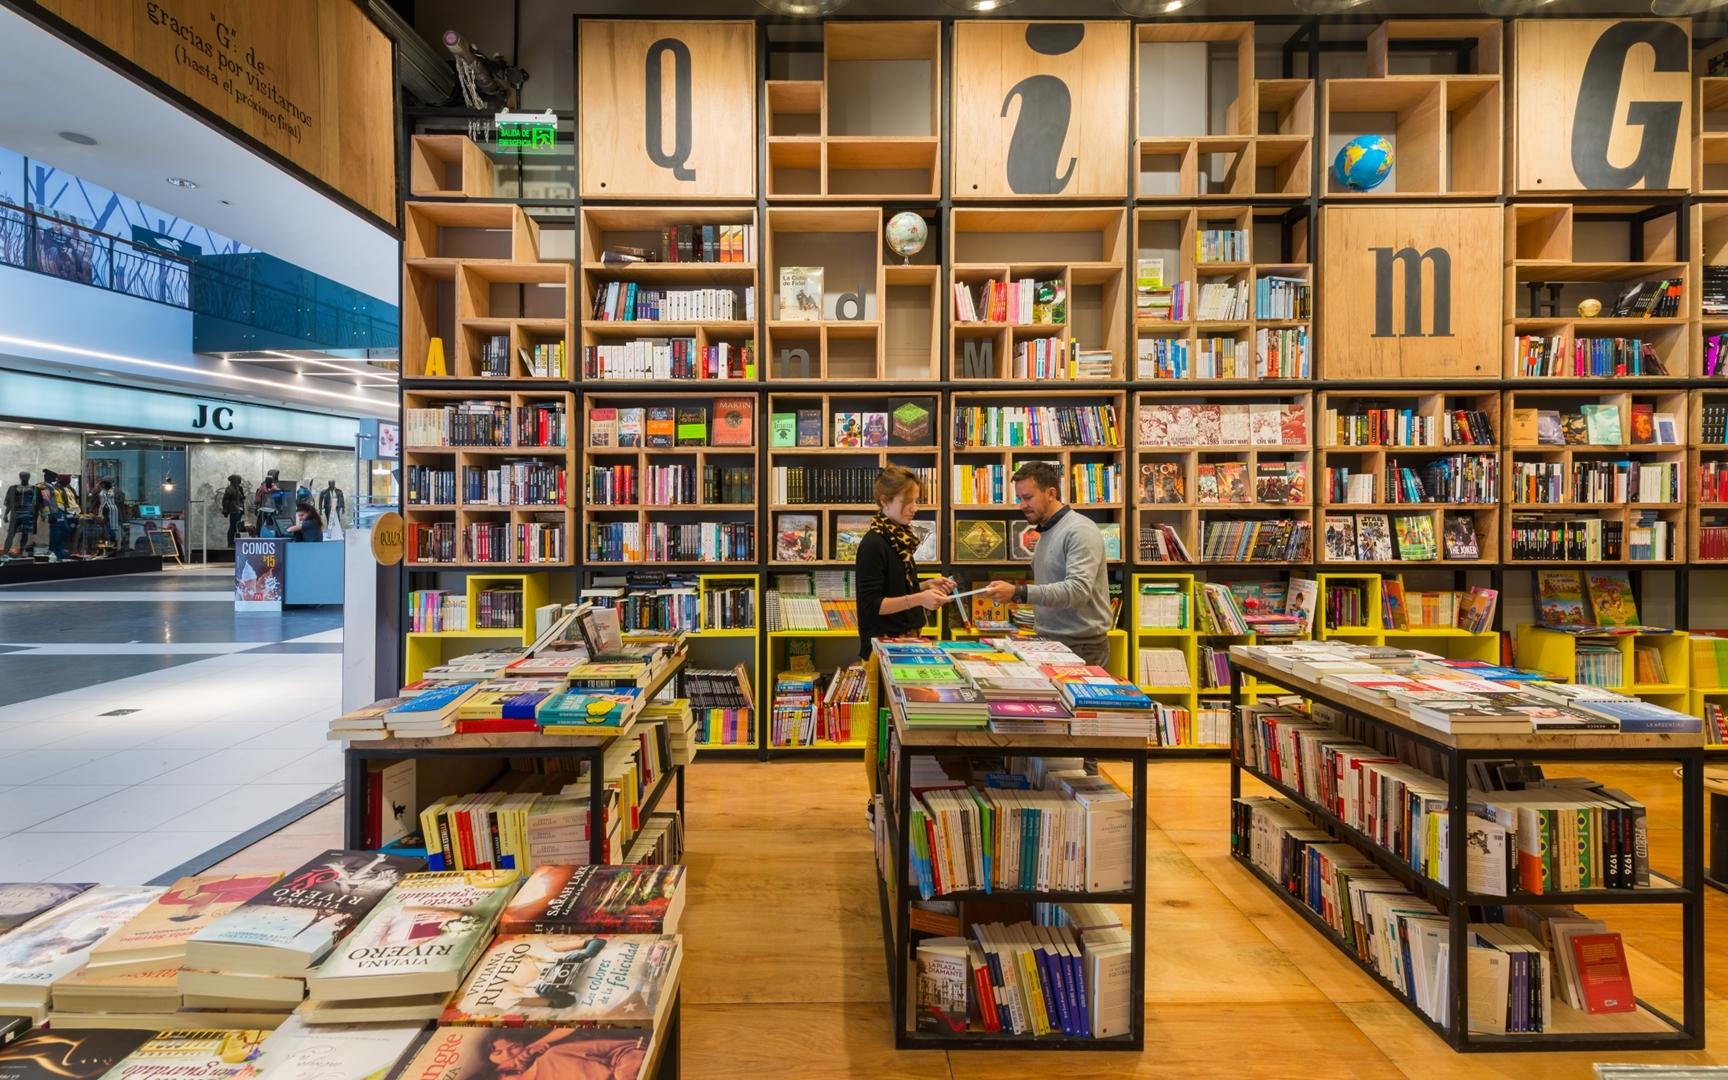 230517  -  Libreria Quade ph G Viramonte-9626 (Copy)